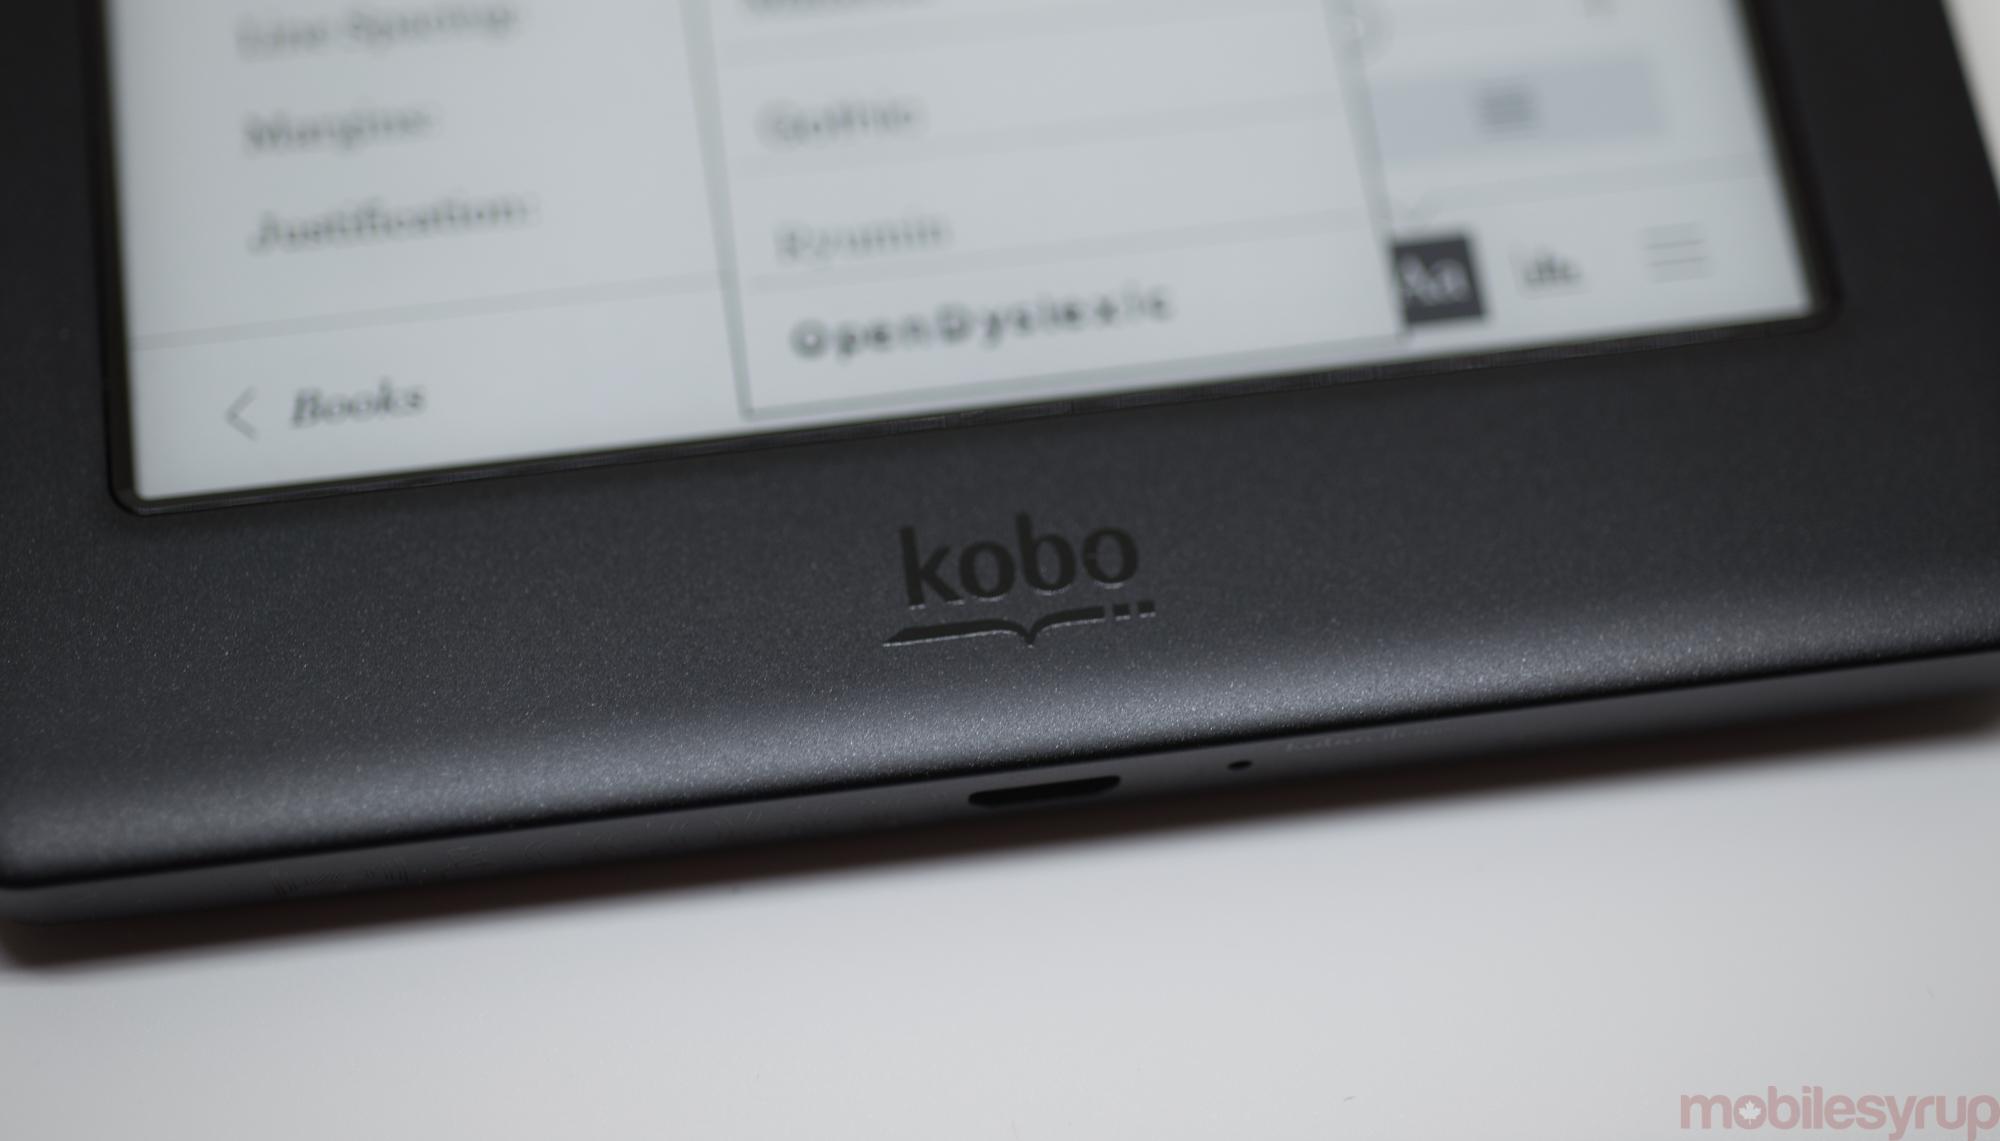 koboglohdreview-5968